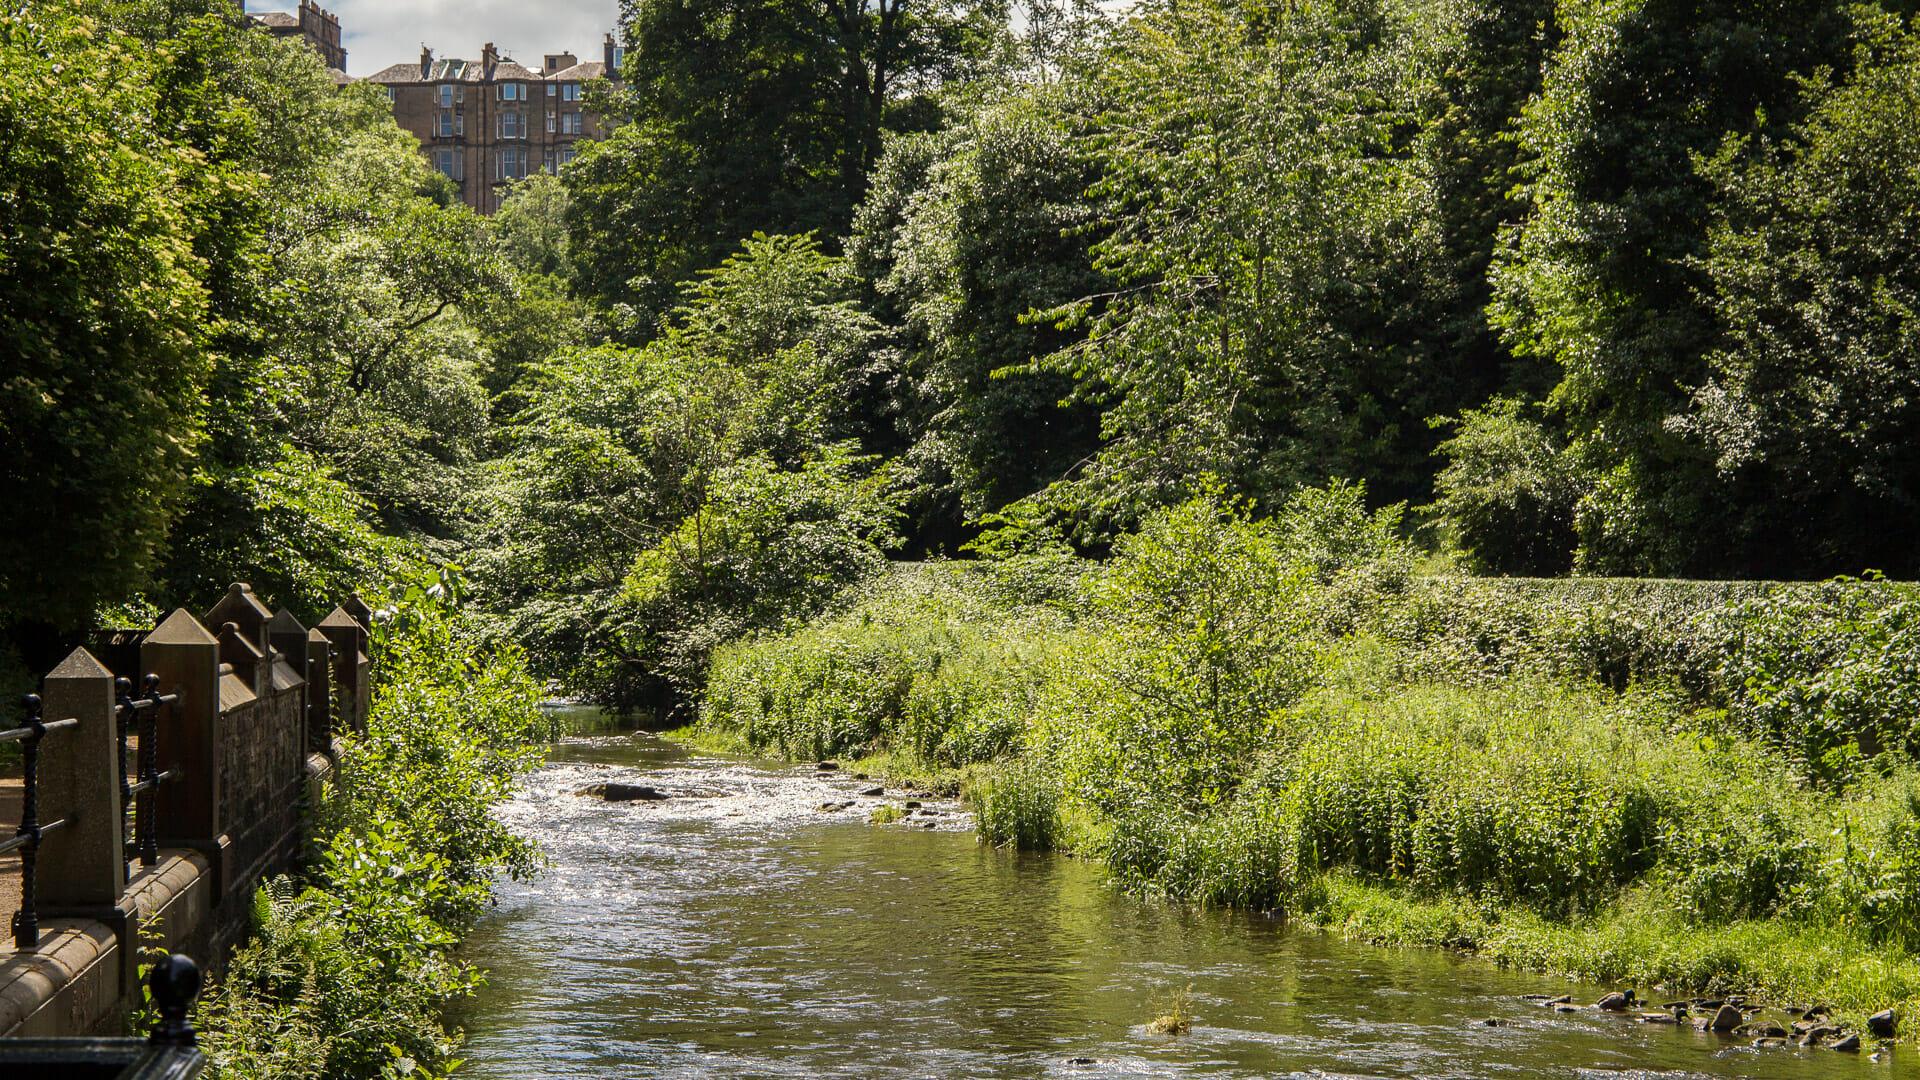 Blick auf den Fluss Leith